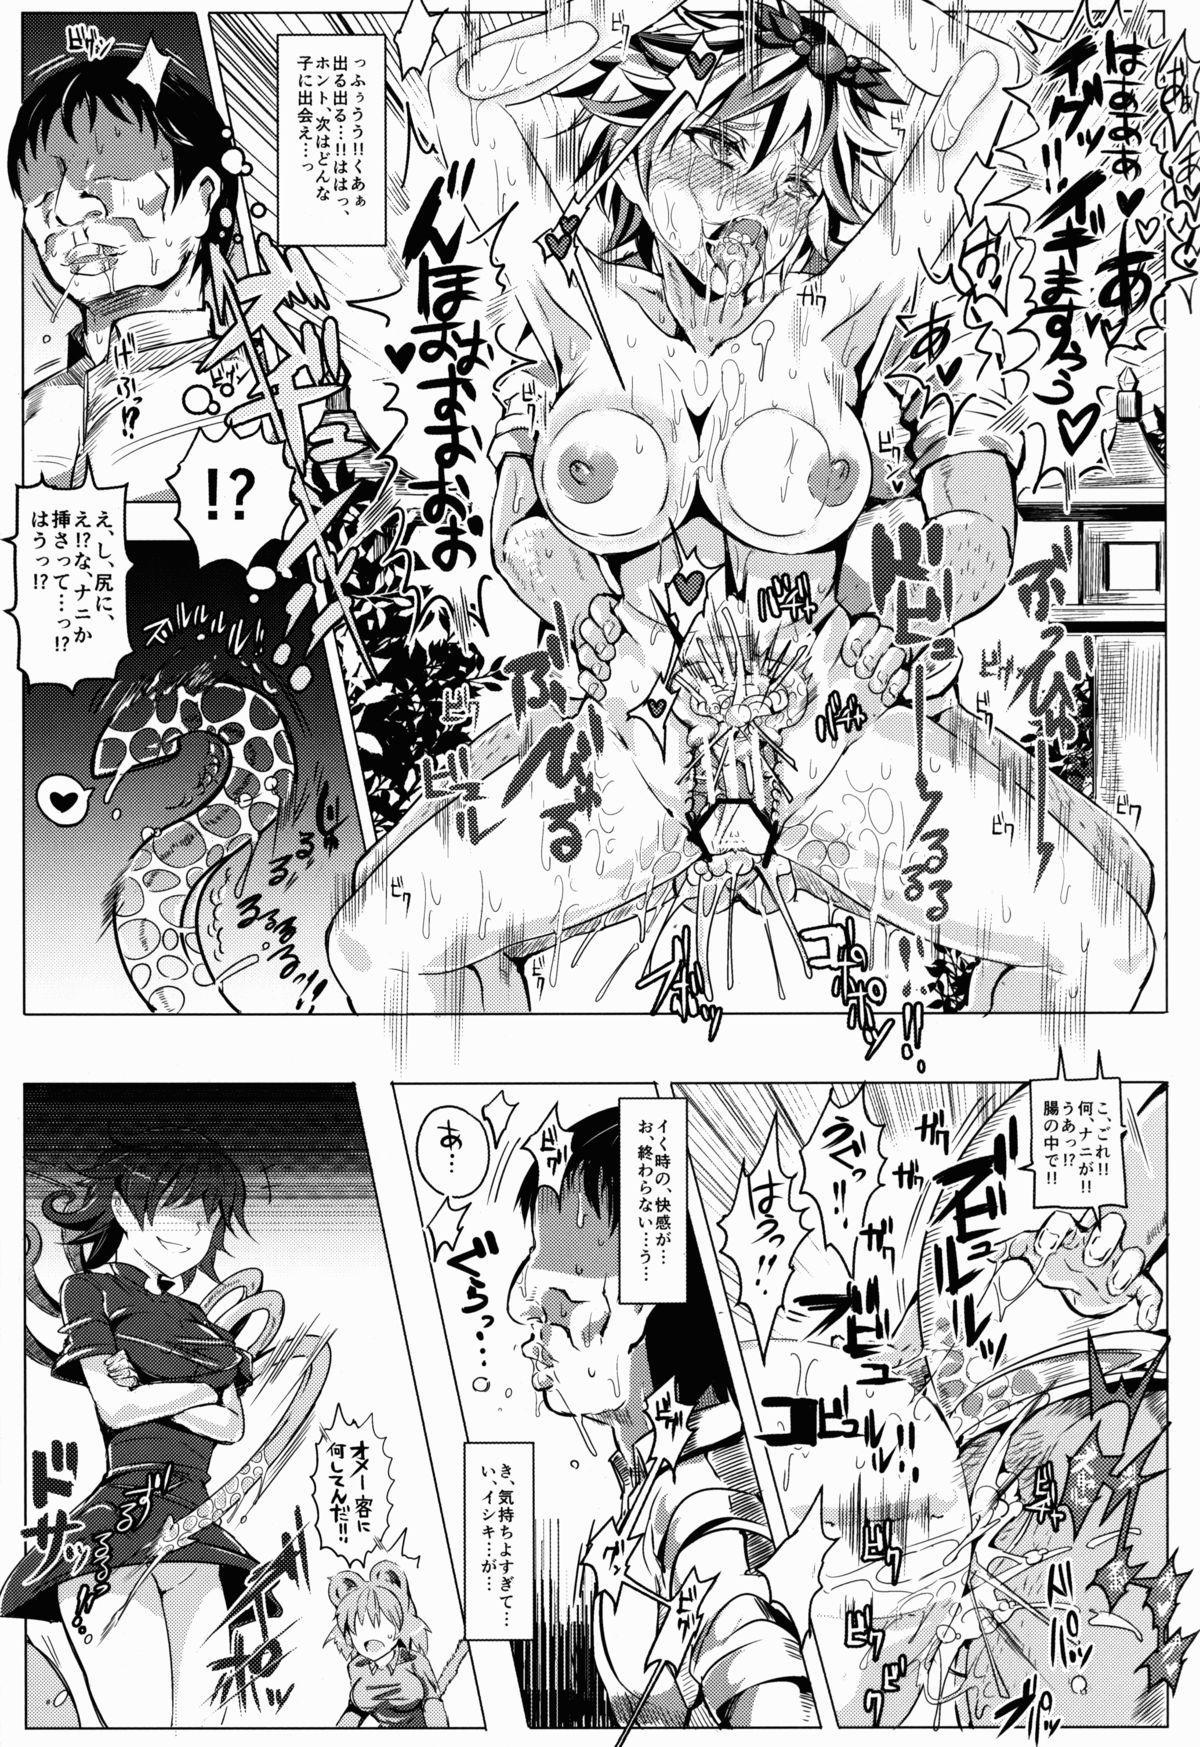 Oidemase!! Jiyuu Fuuzoku Gensoukyou Nihaku Mikka no Tabi - Kisaragi 20